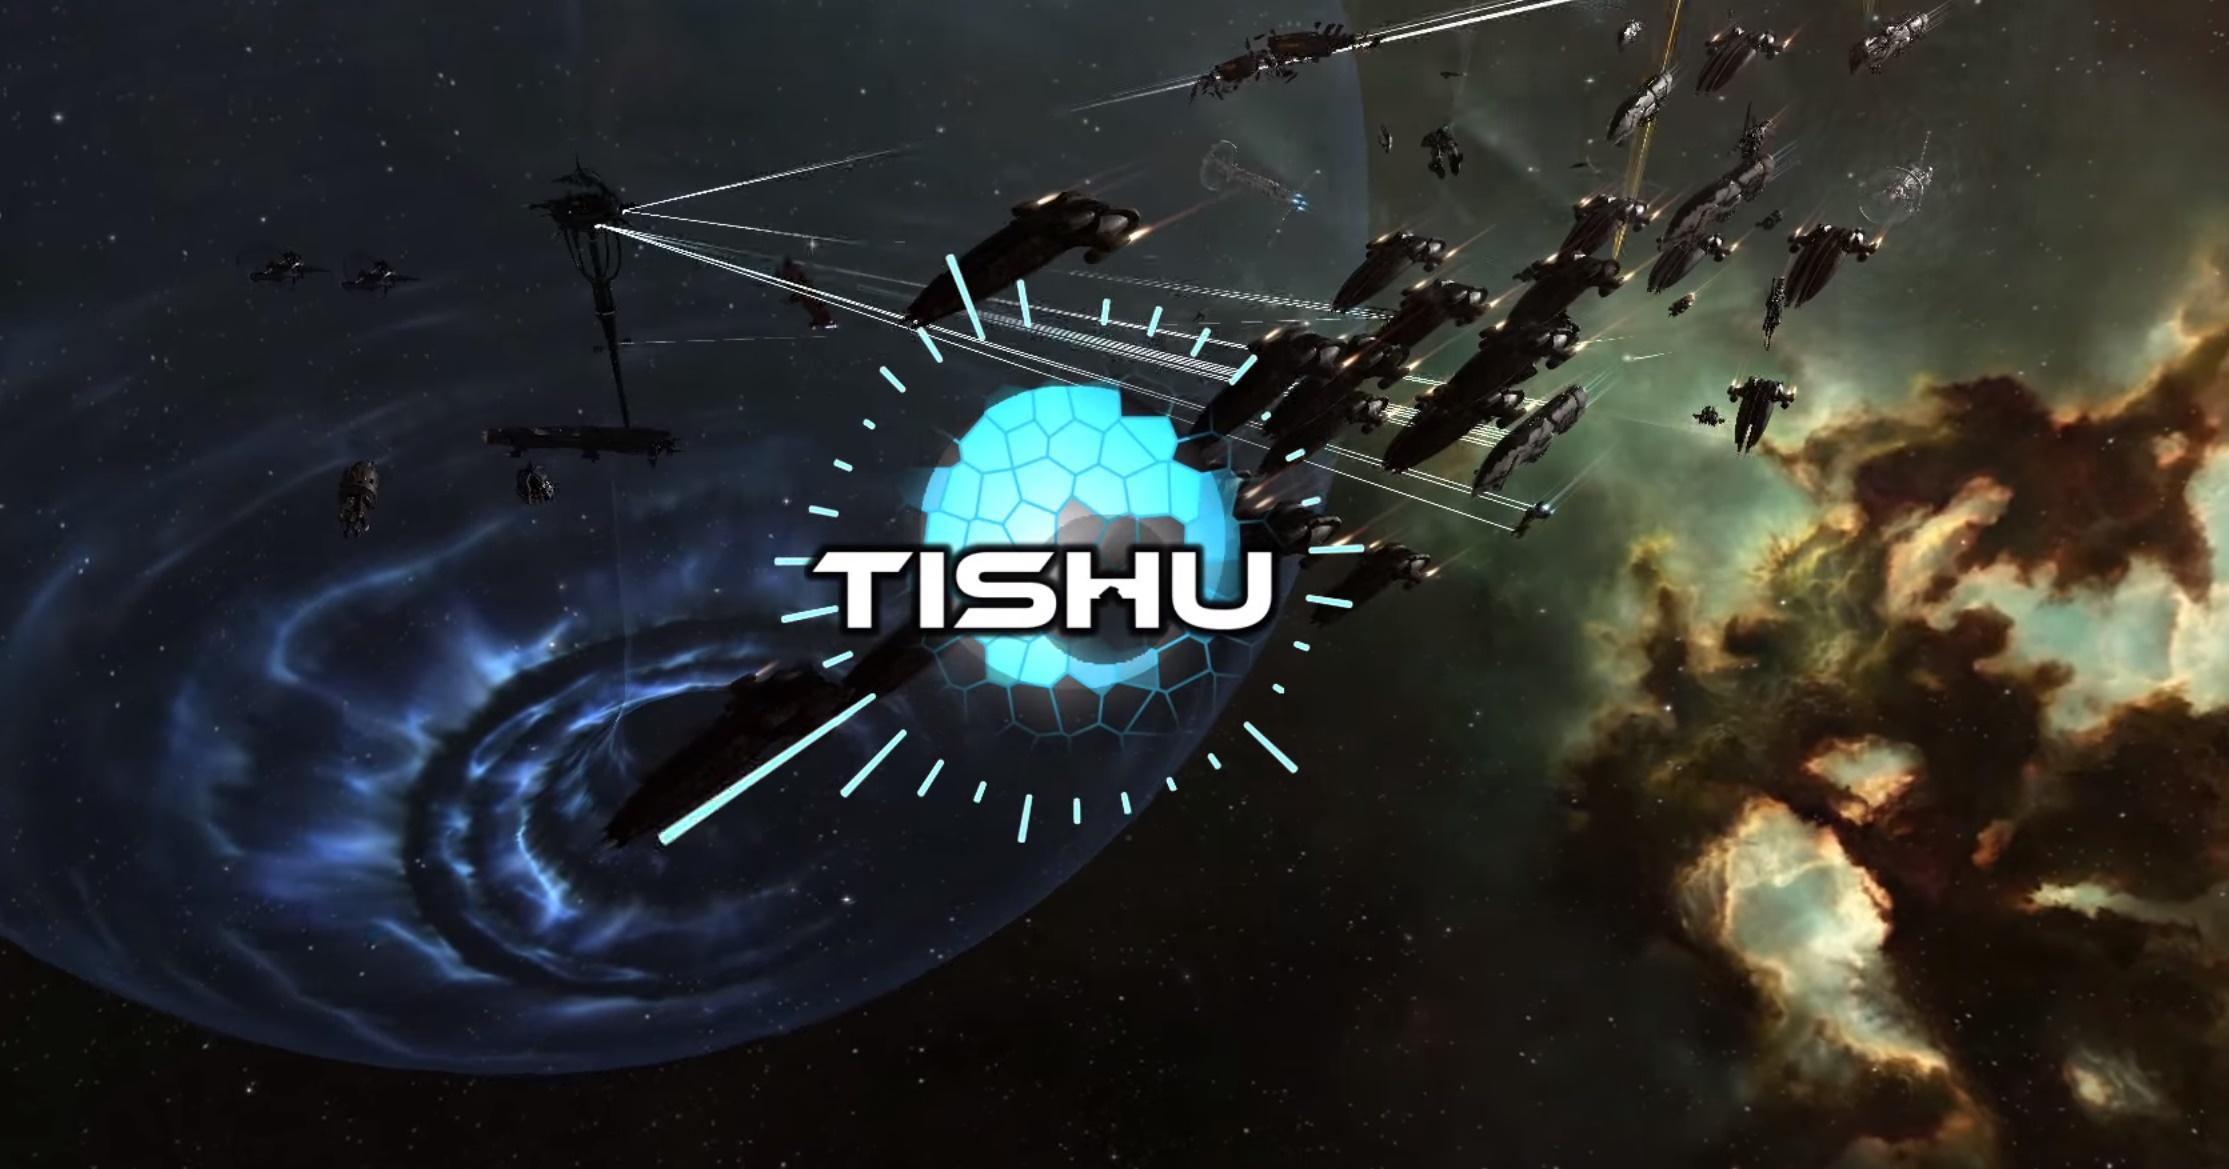 TISHU logo